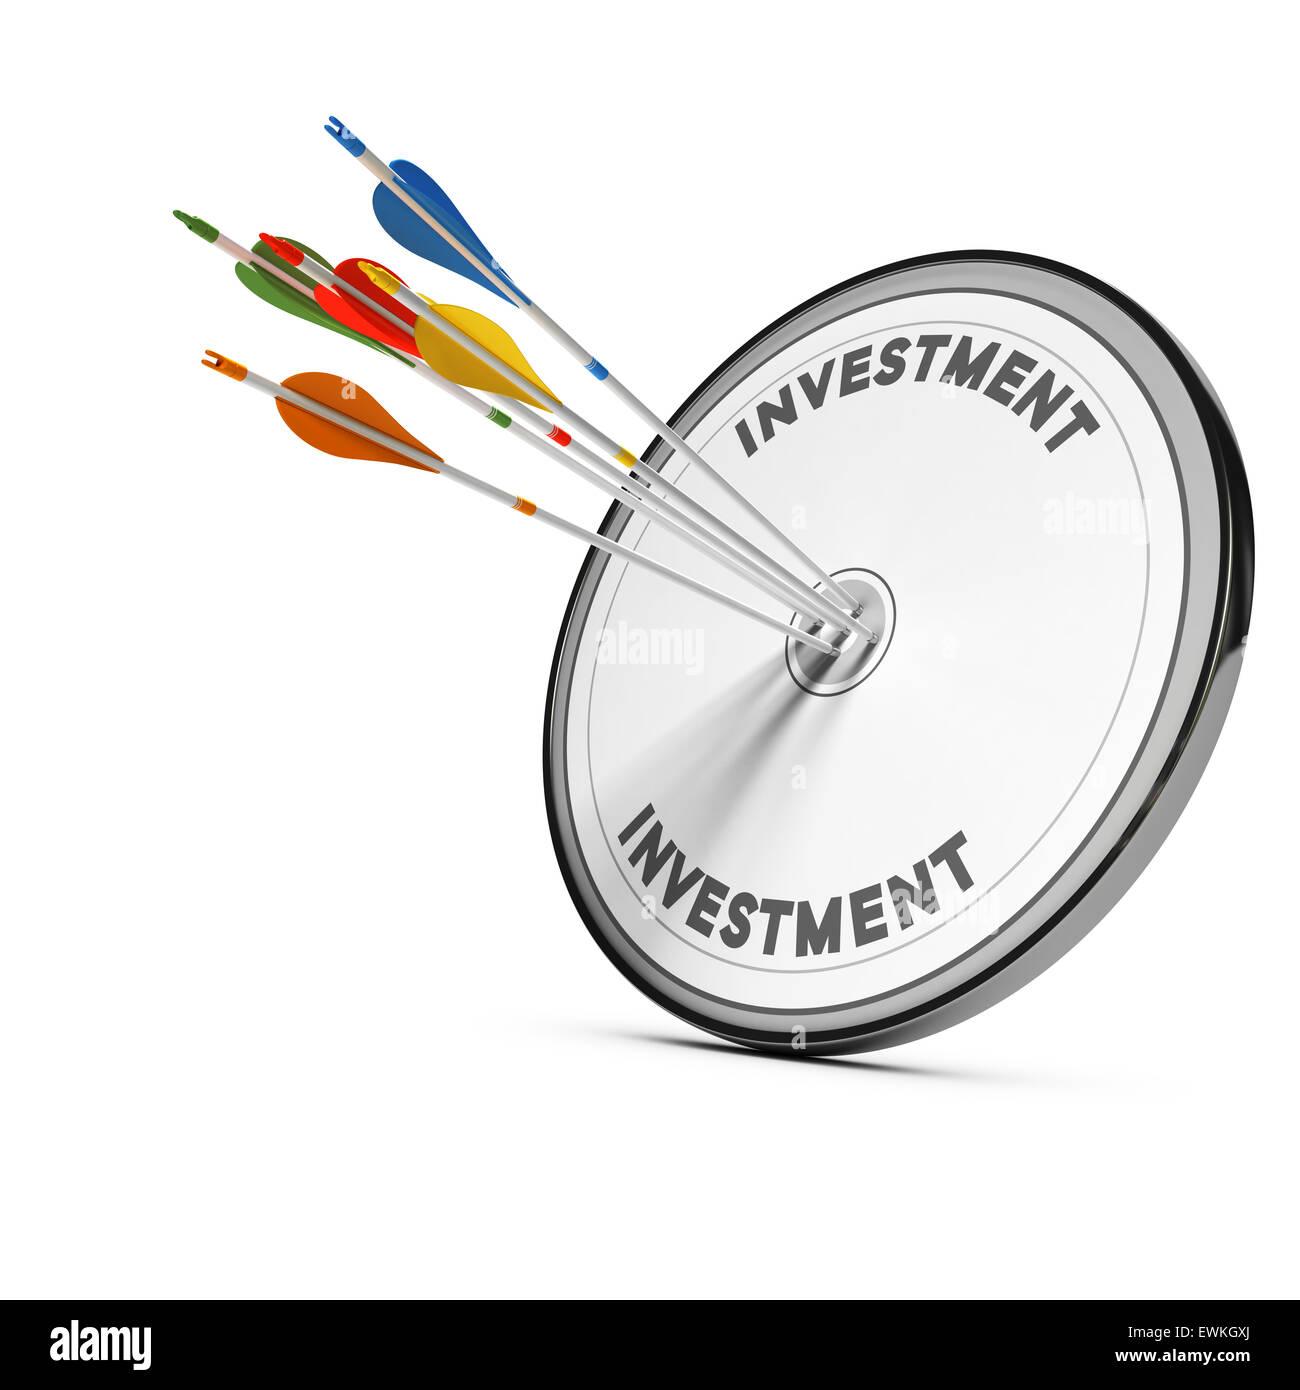 Cinq flèches en appuyant sur le centre d'une cible d'investissement financier, de l'image concept Photo Stock